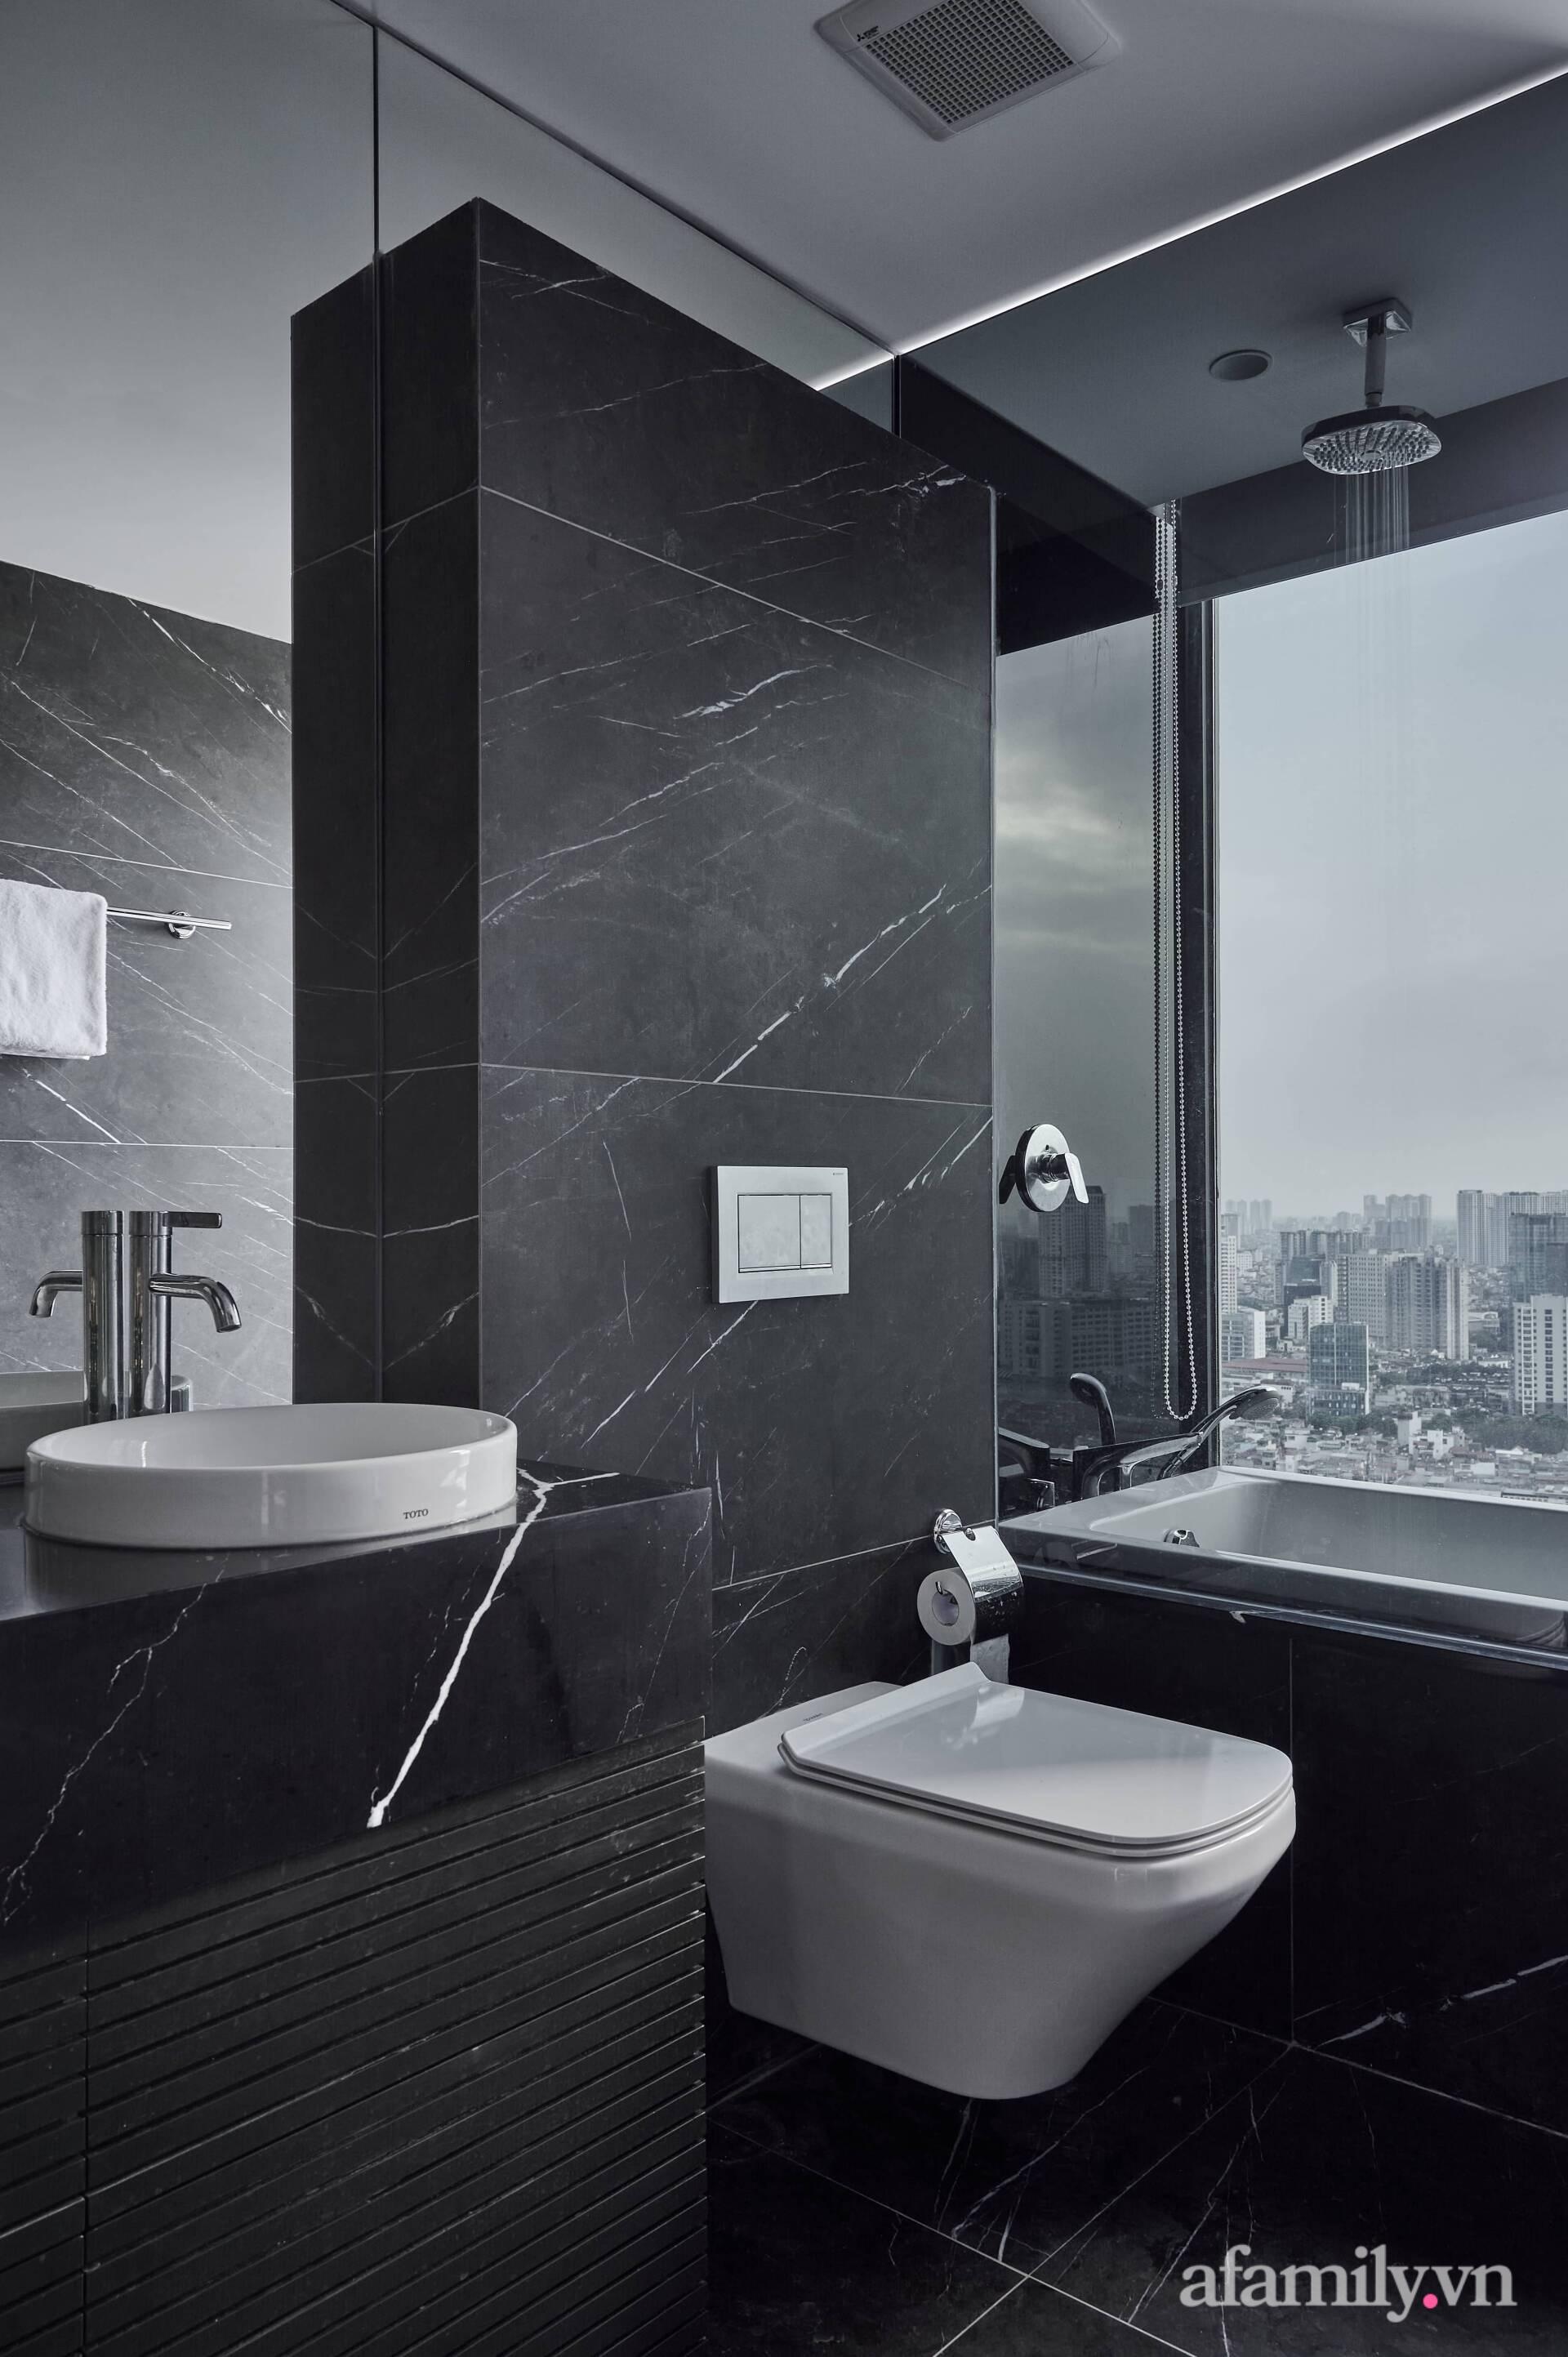 Căn hộ 100m² đẹp sang trọng với lựa chọn nội thất cao cấp ở Hà Nội - Ảnh 15.